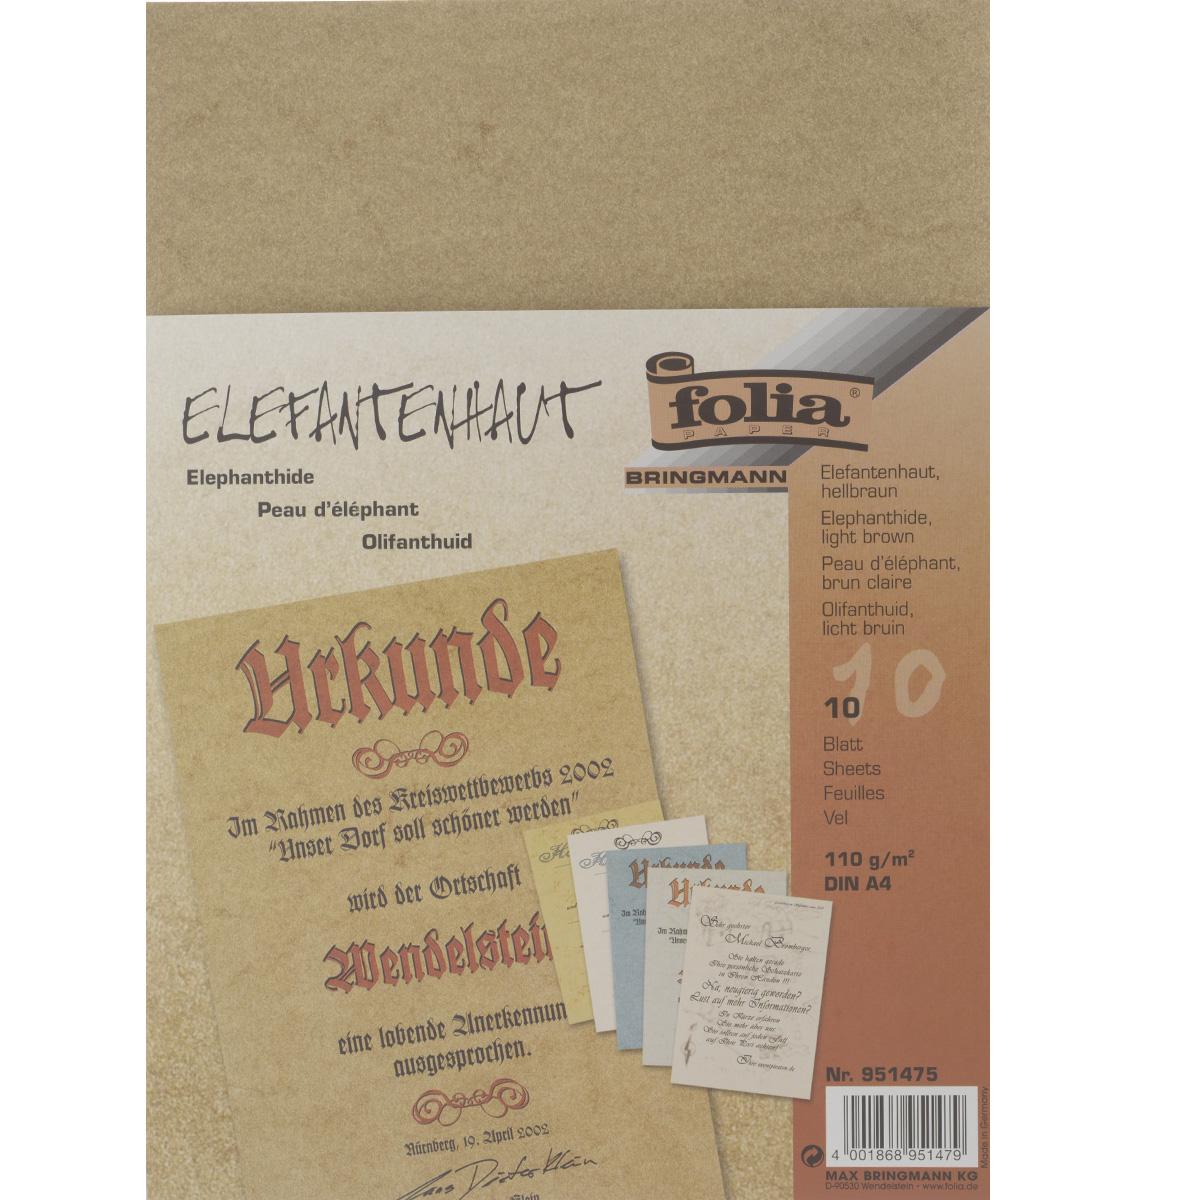 Бумага с имитацией пергамента Folia, цвет: светло-коричневый, A4, 10 листов55052Гладкая тонированная дизайнерская бумага Folia с имитацией окрашенного пергамента идеальна для изготовления оригинальных визиток, папок, календарей, презентационной продукции. Также бумага прекрасно подойдет для оформления творческих работ в технике скрапбукинг. Ее можно использовать для украшения фотоальбомов, скрап-страничек, подарков, конвертов, фоторамок, открыток и многого другого. В наборе - 10 листов.Скрапбукинг - это хобби, которое способно приносить массу приятных эмоций не только человеку, который этим занимается, но и его близким, друзьям, родным. Это невероятно увлекательное занятие, которое поможет вам сохранить наиболее памятные и яркие моменты вашей жизни, а также интересно оформить интерьер дома.Плотность бумаги: 110 г/м2.Размер листа: 21 см х 29,5 см.Формат листа: A4.